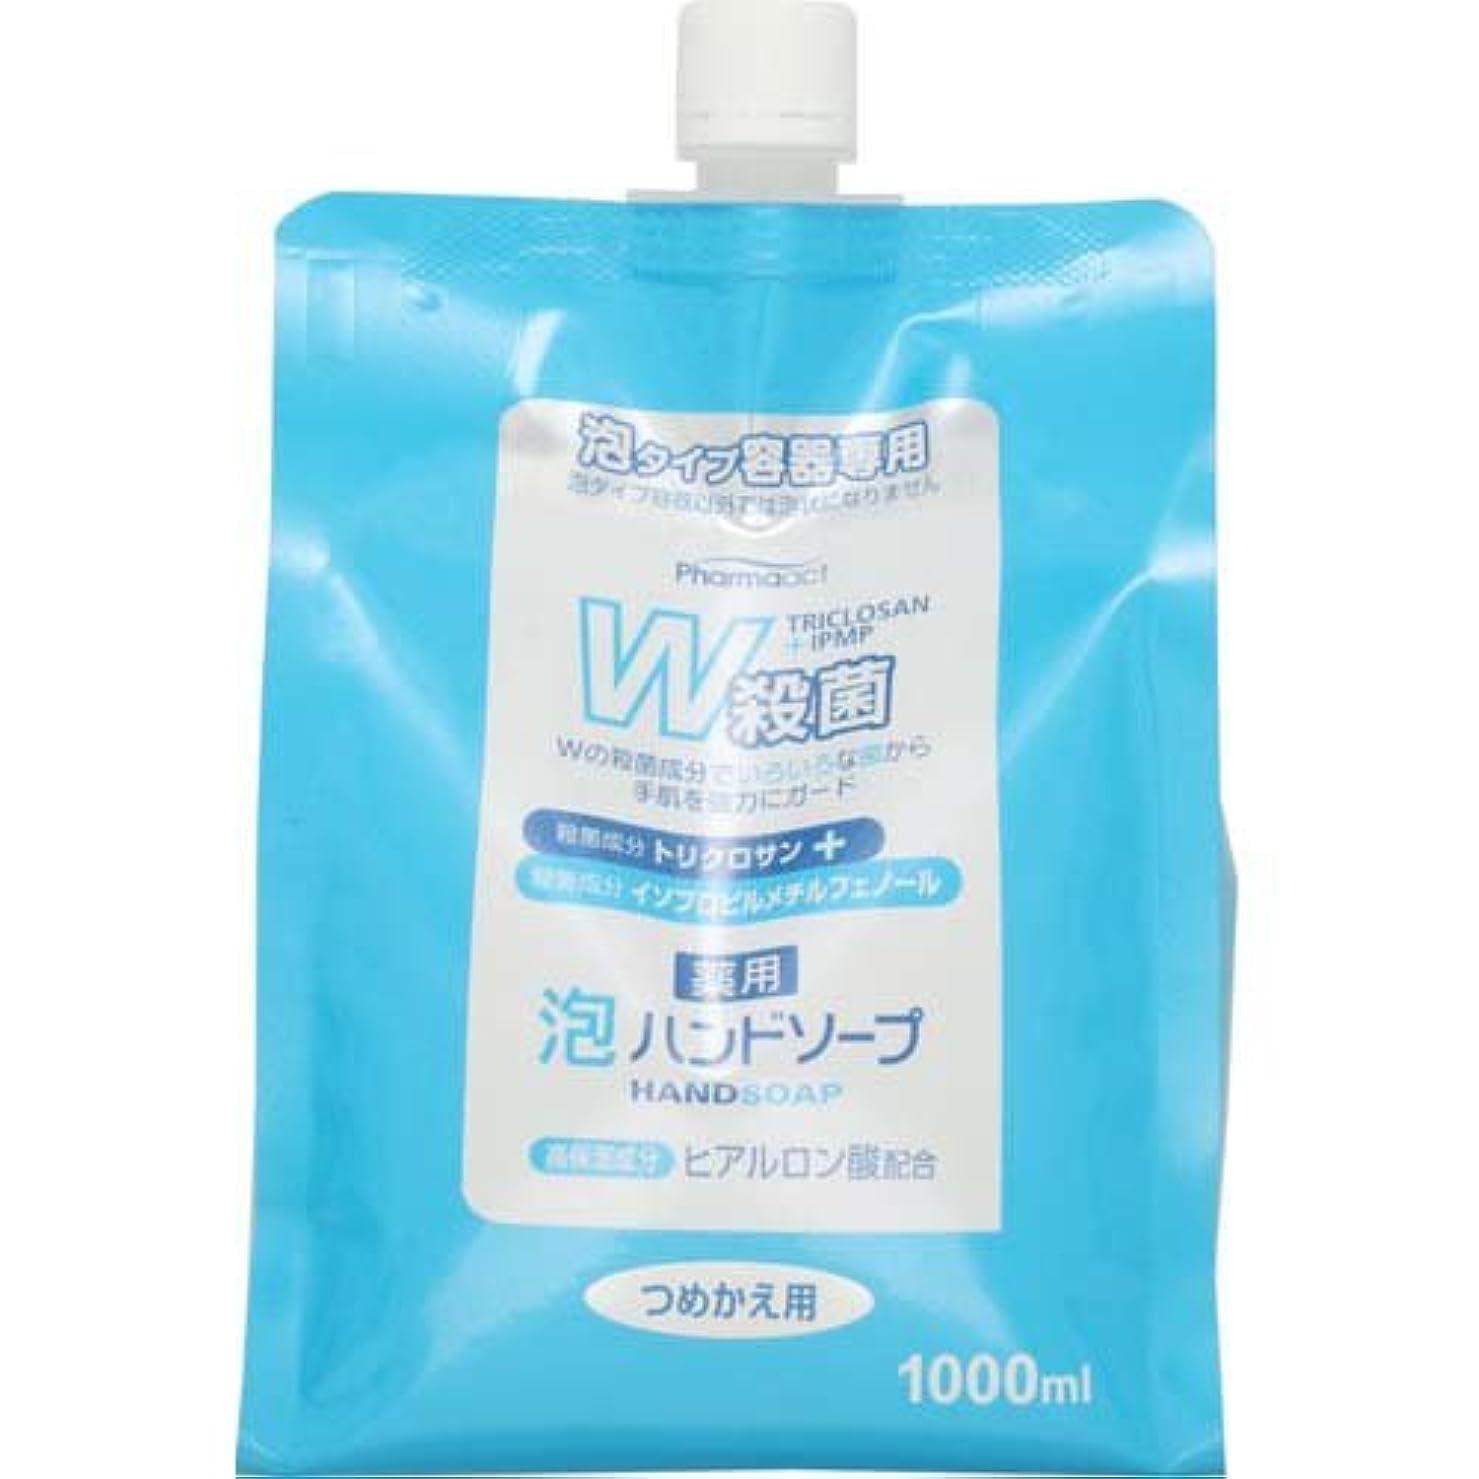 付き添い人嫌い後方にPHARMAACT(ファーマアクト) W殺菌薬用泡ハンドソープ スパウト付き詰替 1000ml